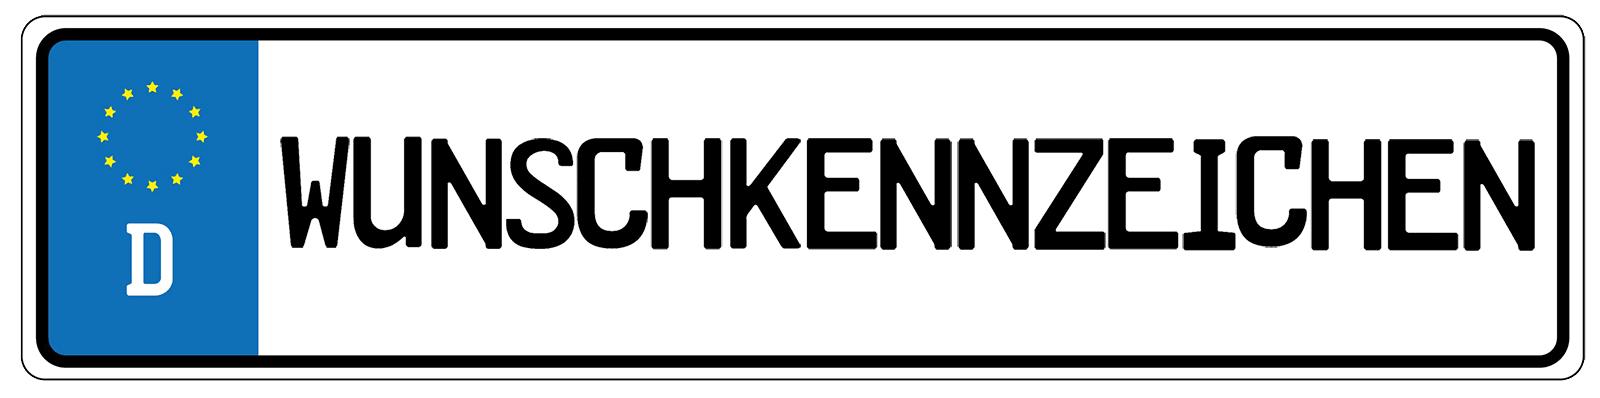 Wunschkennzeichen reservieren in München